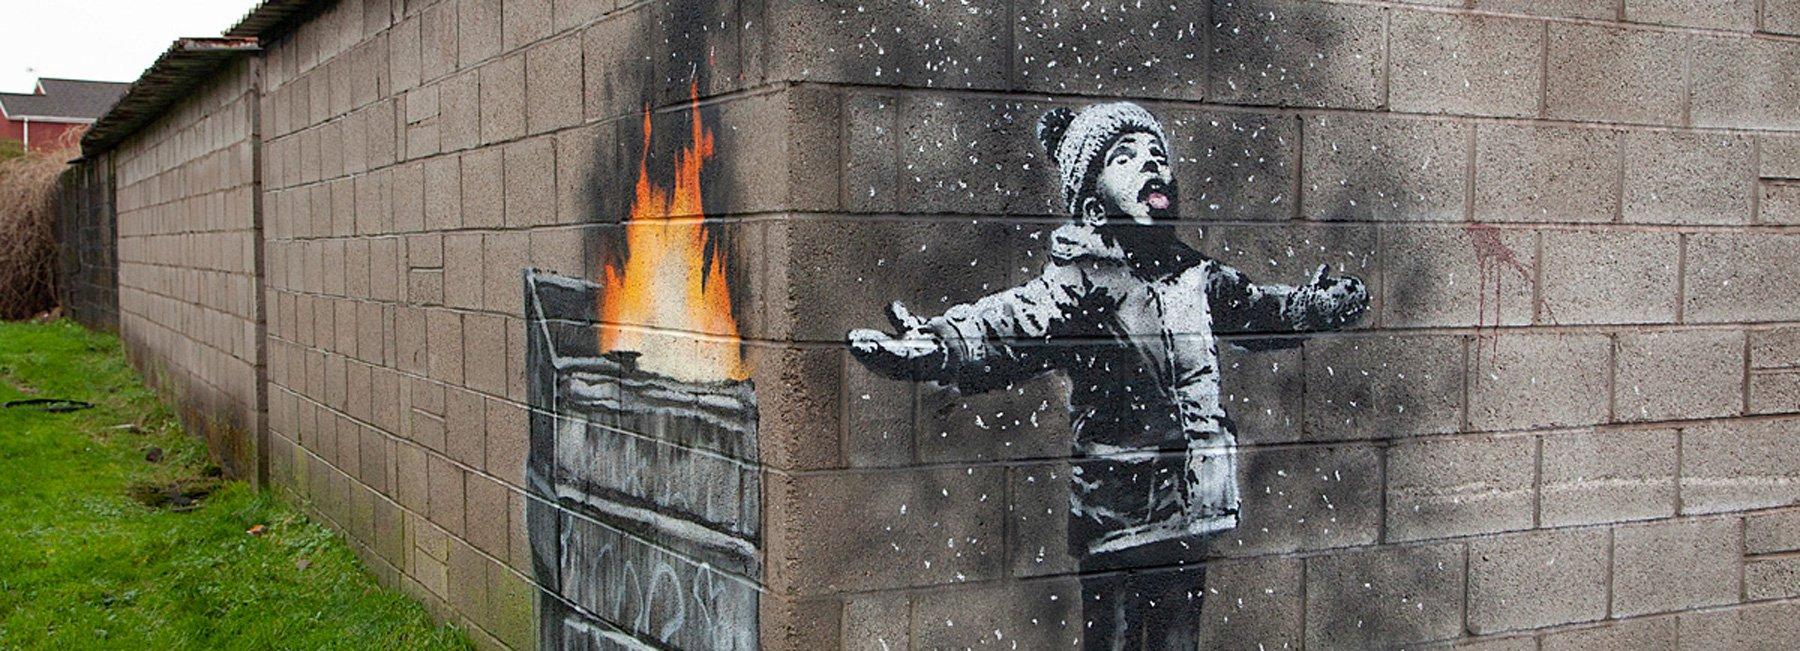 Banksy в Південному Уельсі